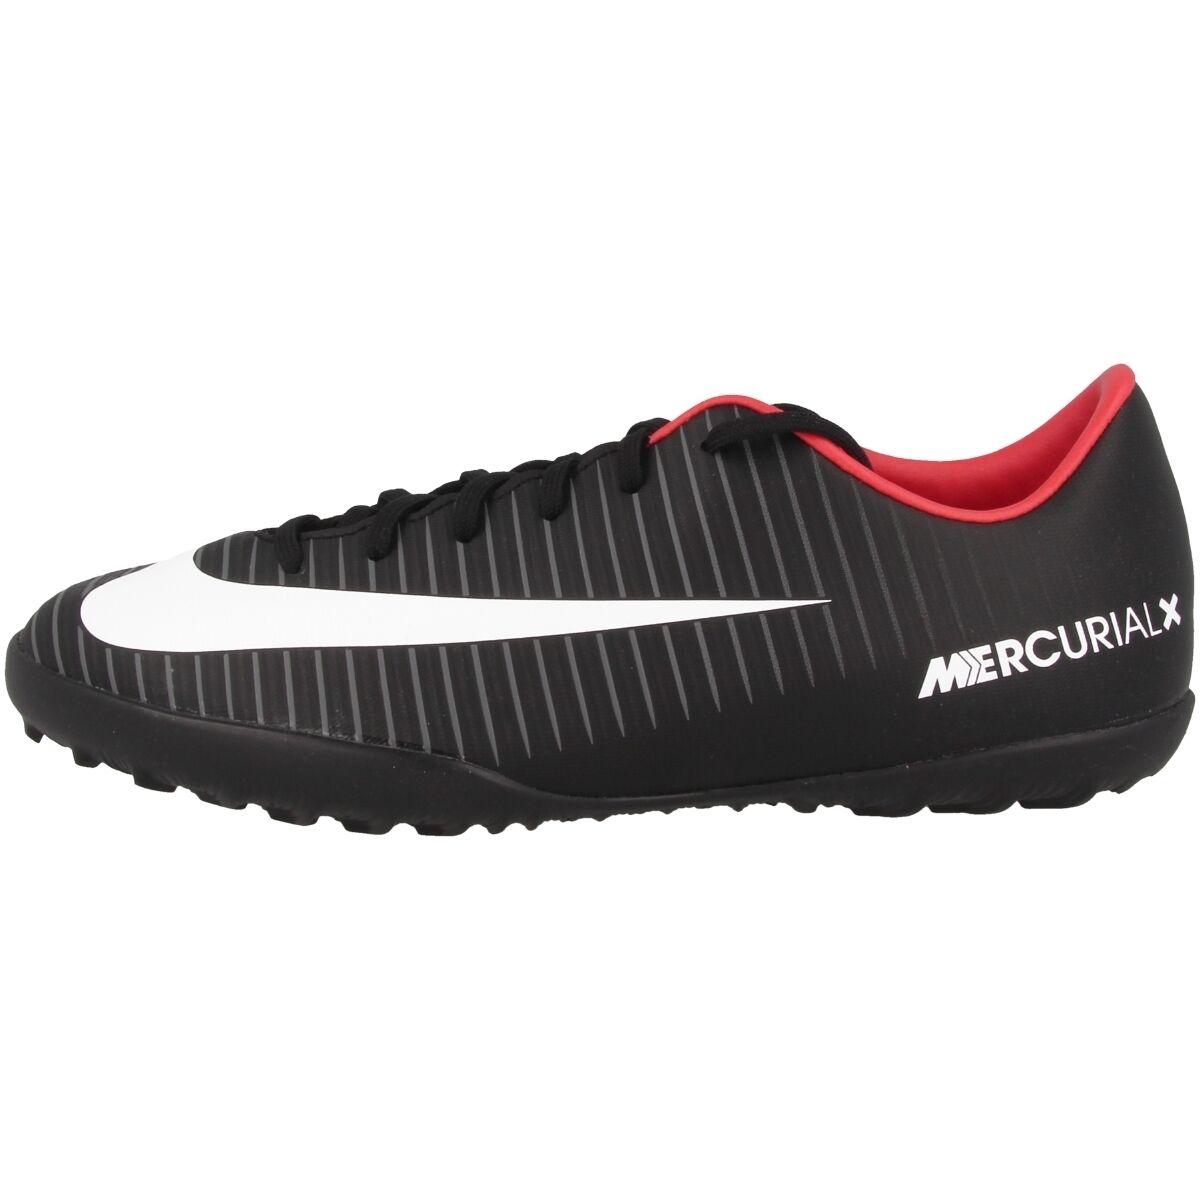 Nike jr mercurialx mercurialx mercurialx victory vi TF junior botas de fútbol multinocken 831949-002 6364e0